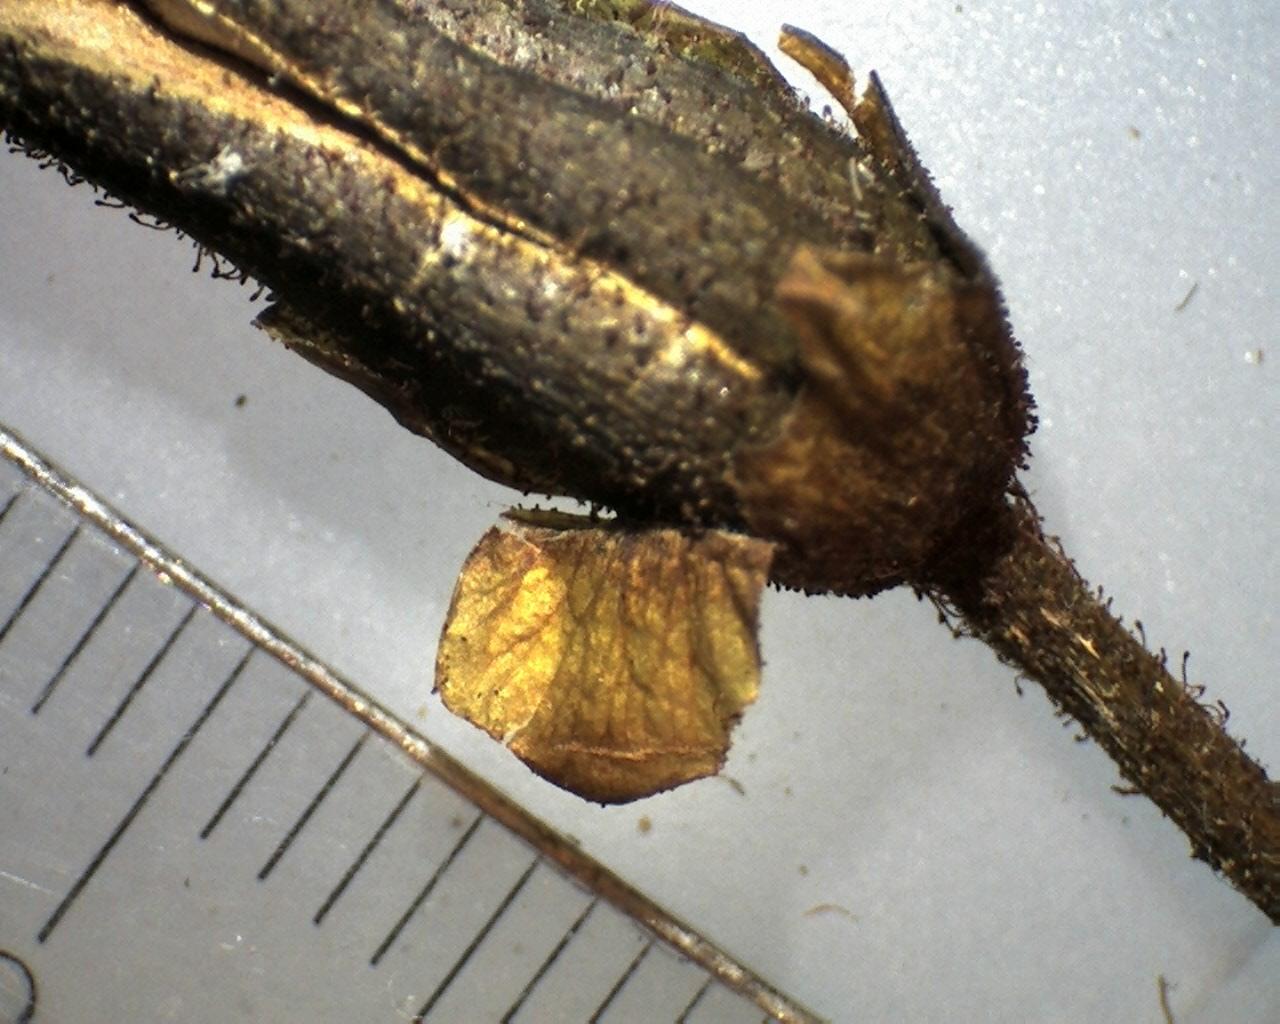 Rh. faberi frøkapsel Omei x 10 (1) m. løs calyx